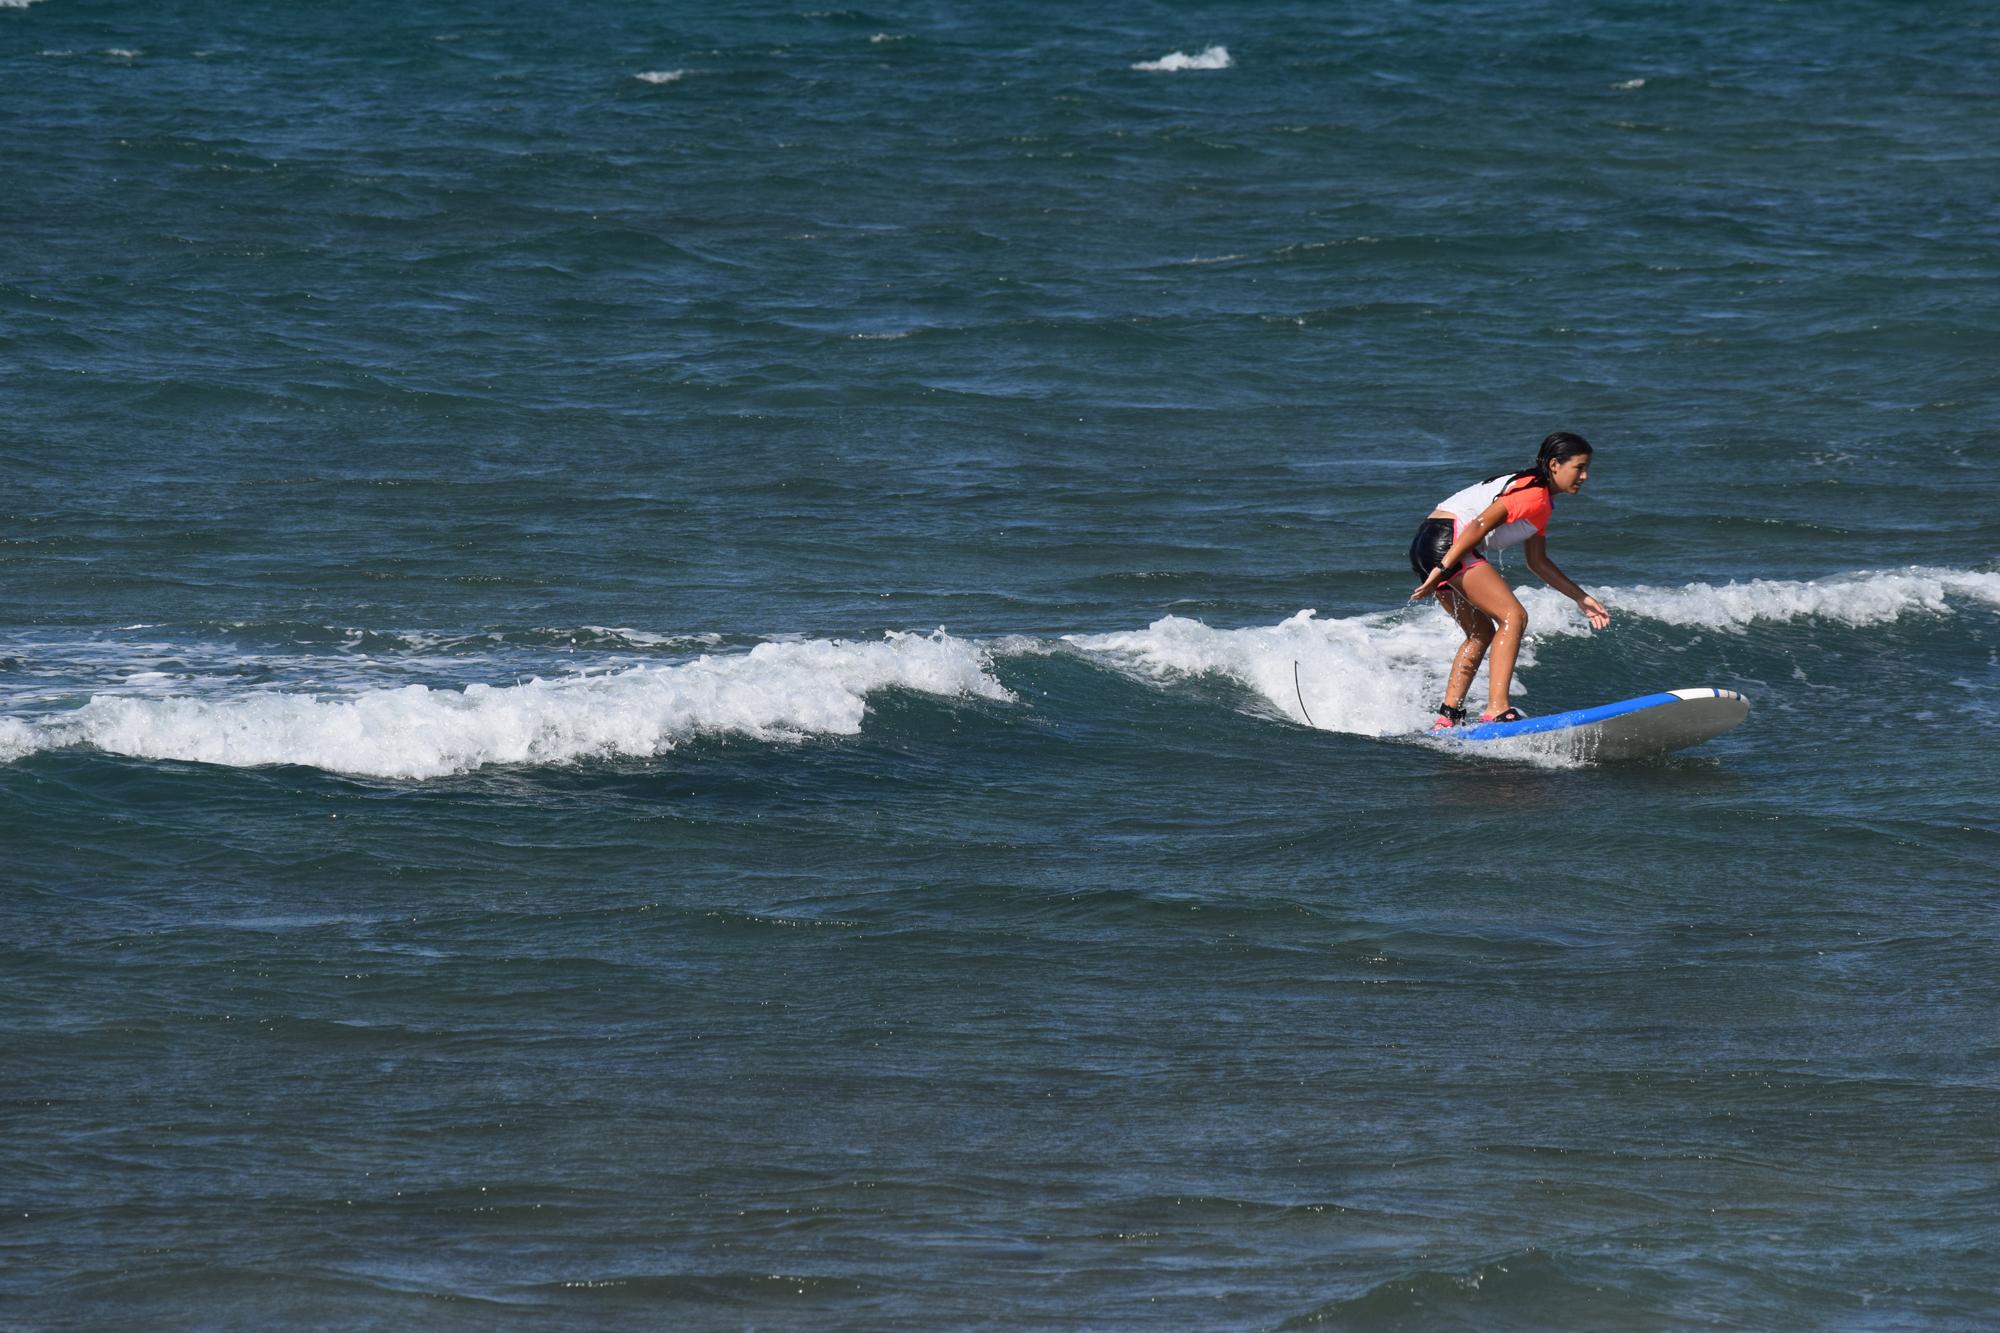 También en El Lido se puede aprender surfing. Es un lugar con suficientes olas para poder pararte en la tabla antes de pasar al próximo nivel. Foto: Fernando M. Rojas